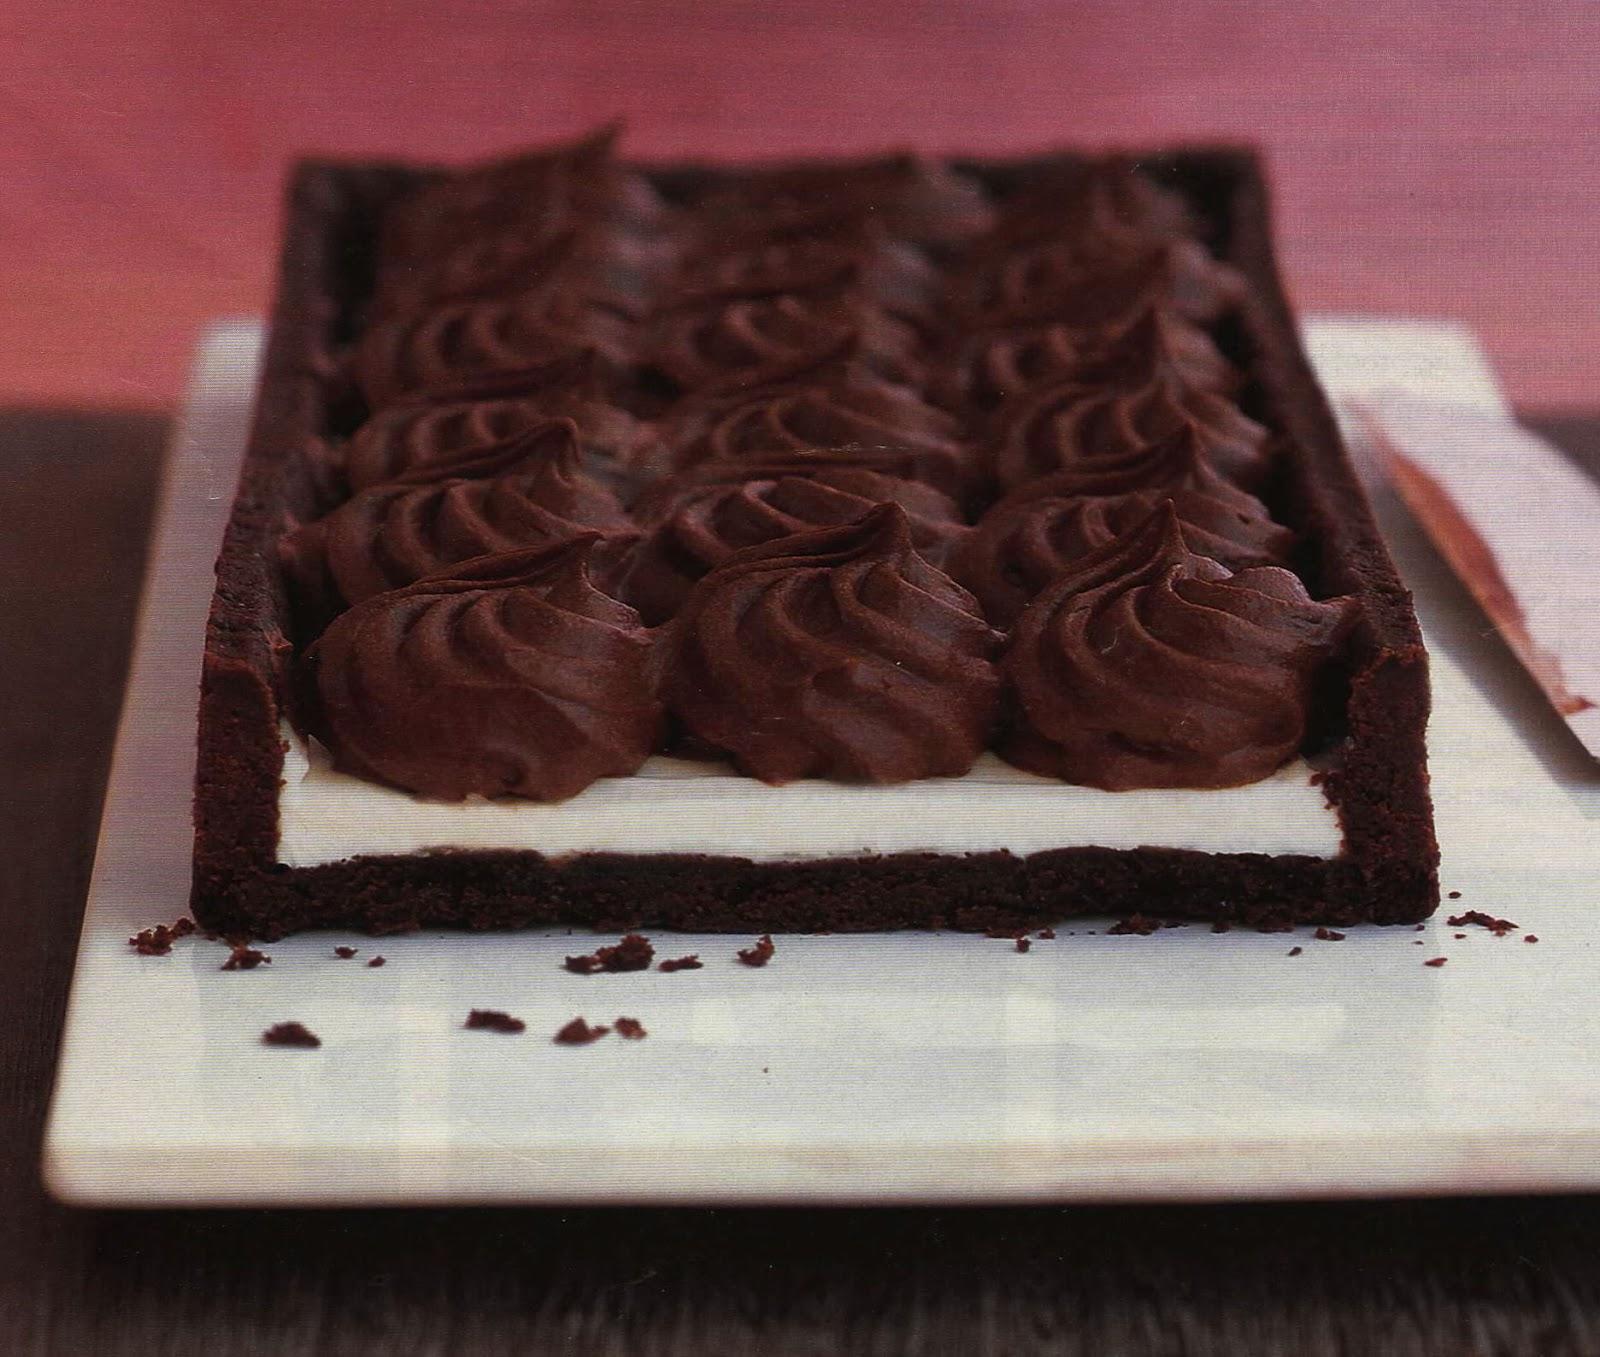 http://www.marthastewart.com/355410/chocolate-espresso-tart